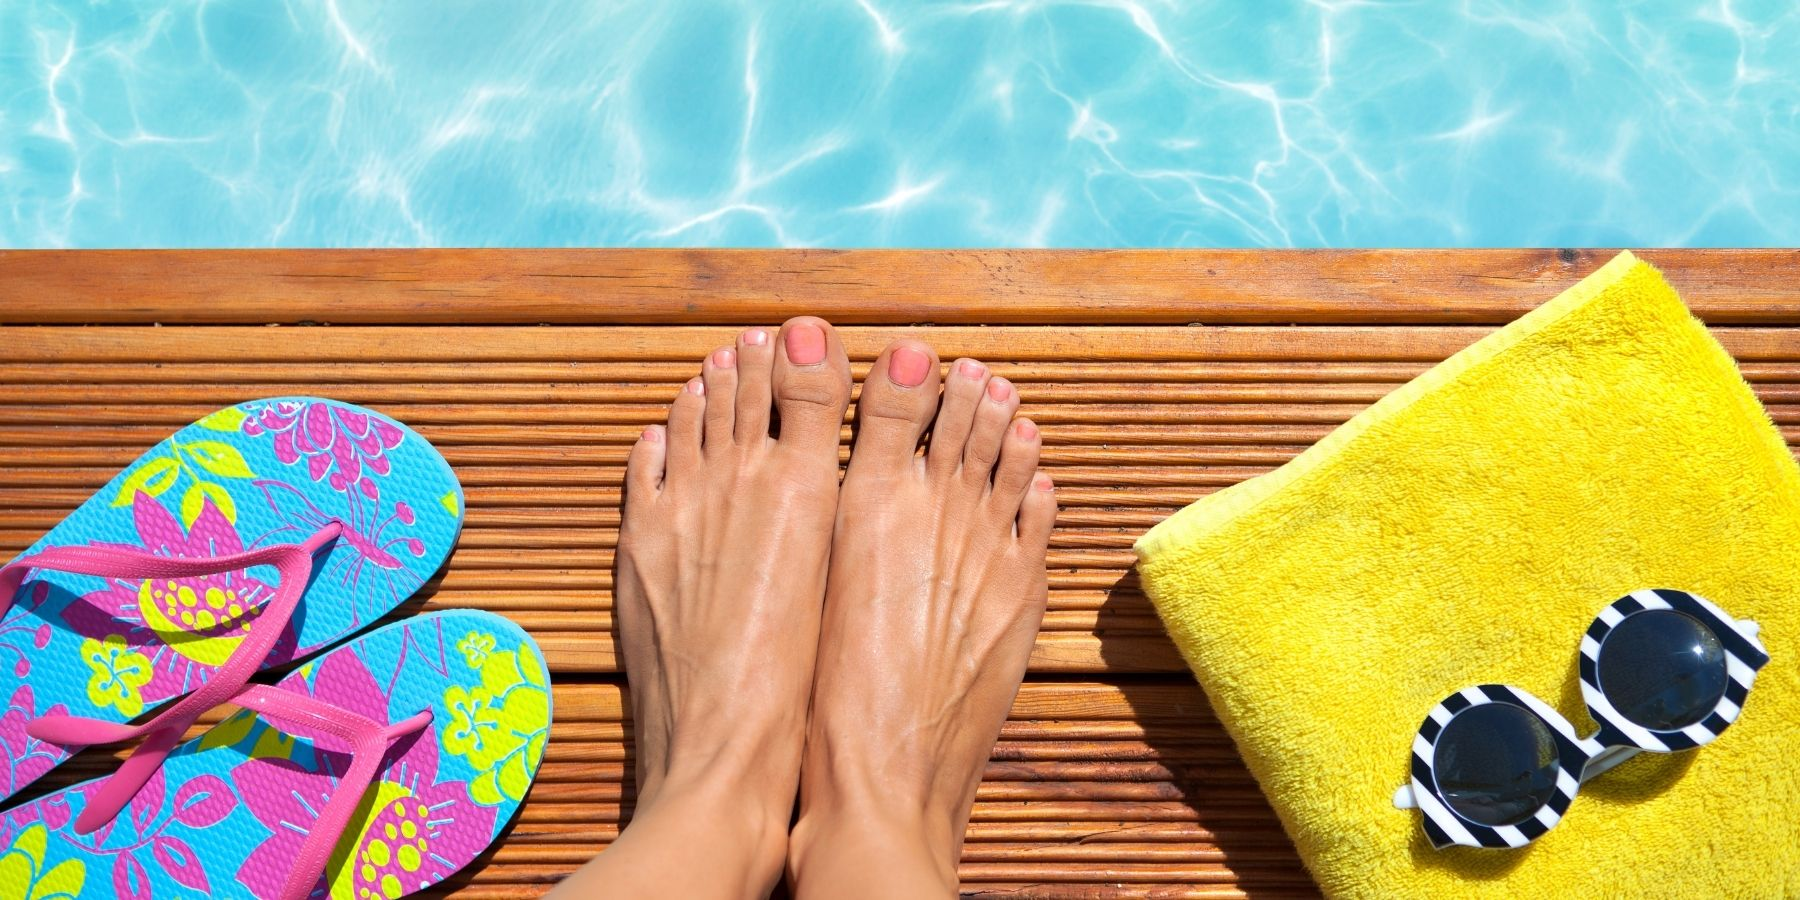 Cuidar los pies en verano